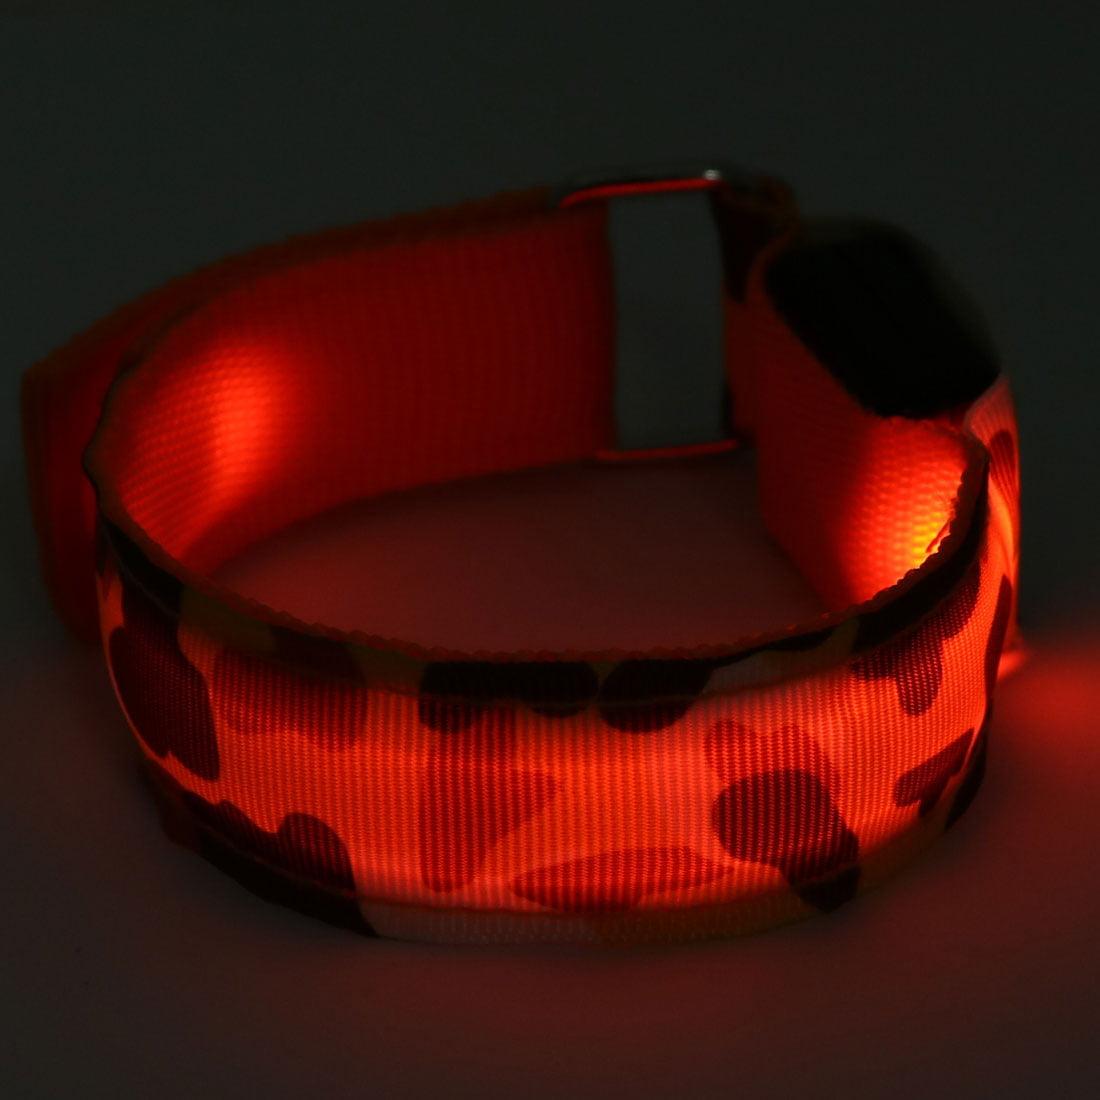 Running Safety Orange LED Camouflage Print Arm Band Wristband Light Up Armband - image 2 of 4